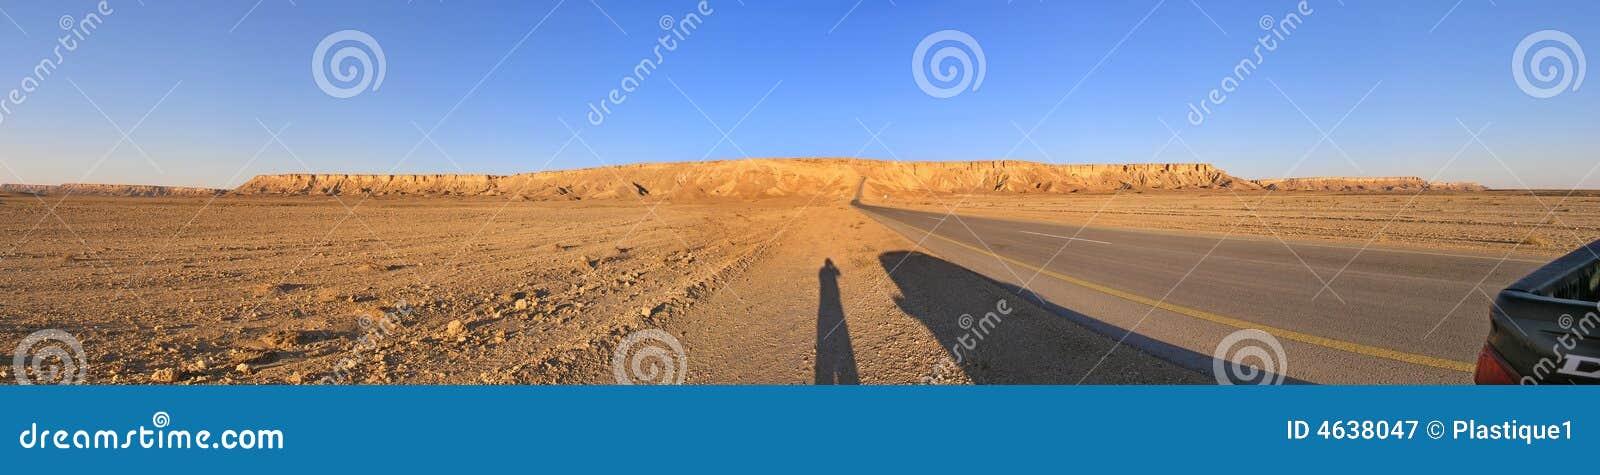 Panorama do deserto árabe